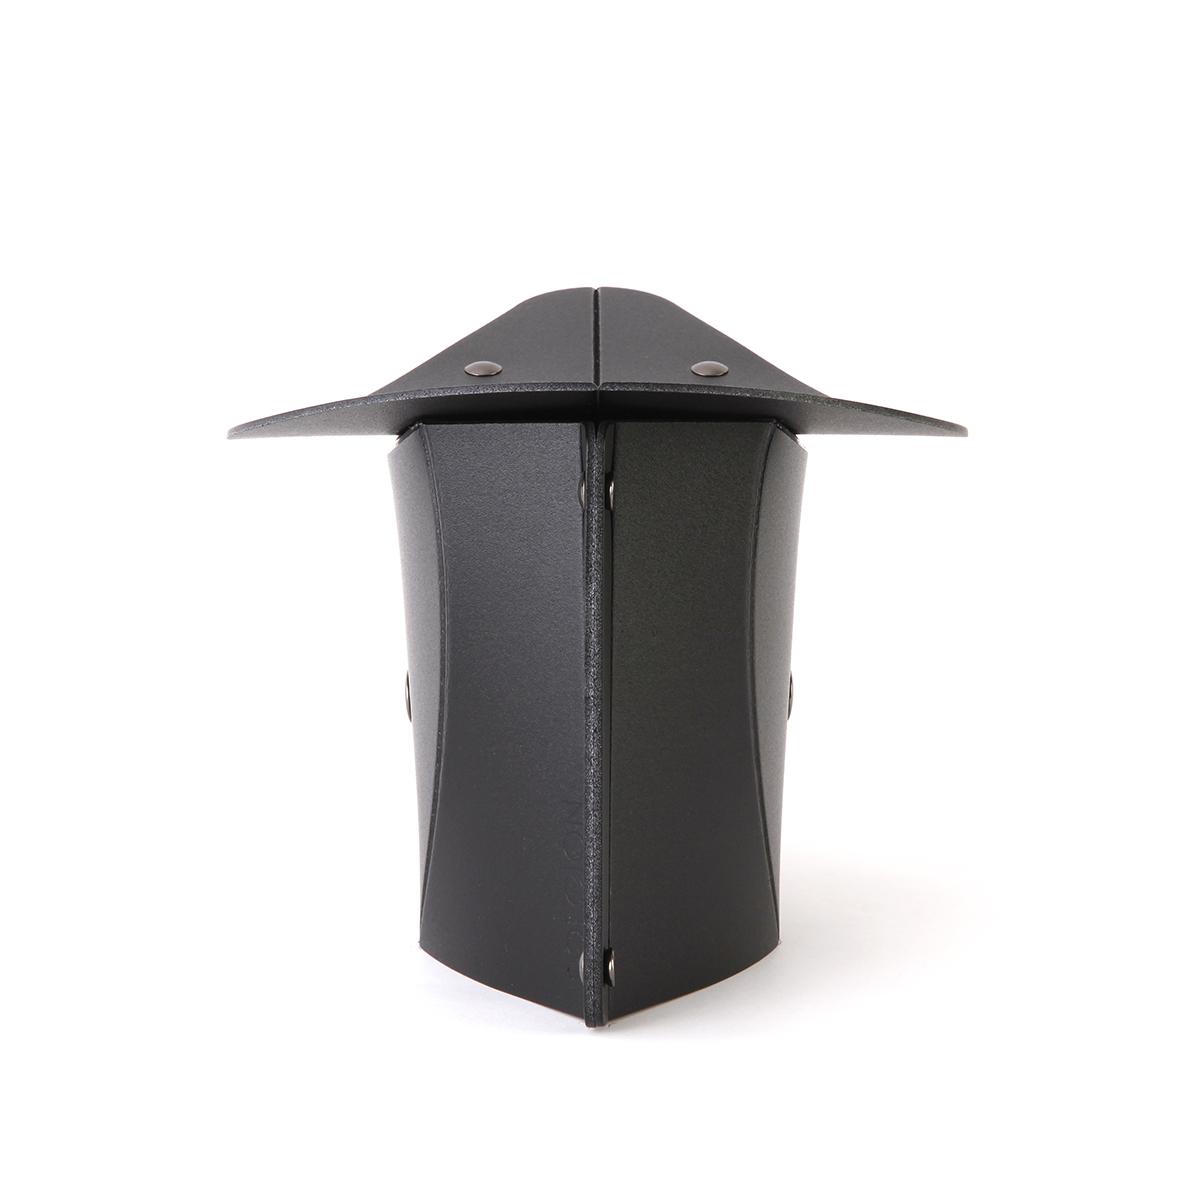 薄さ3センチの「どこでもイス」|気軽に持ち運べて、長時間ラクに正座できる。薄さ3センチの「どこでもイス」| PATATTO正座